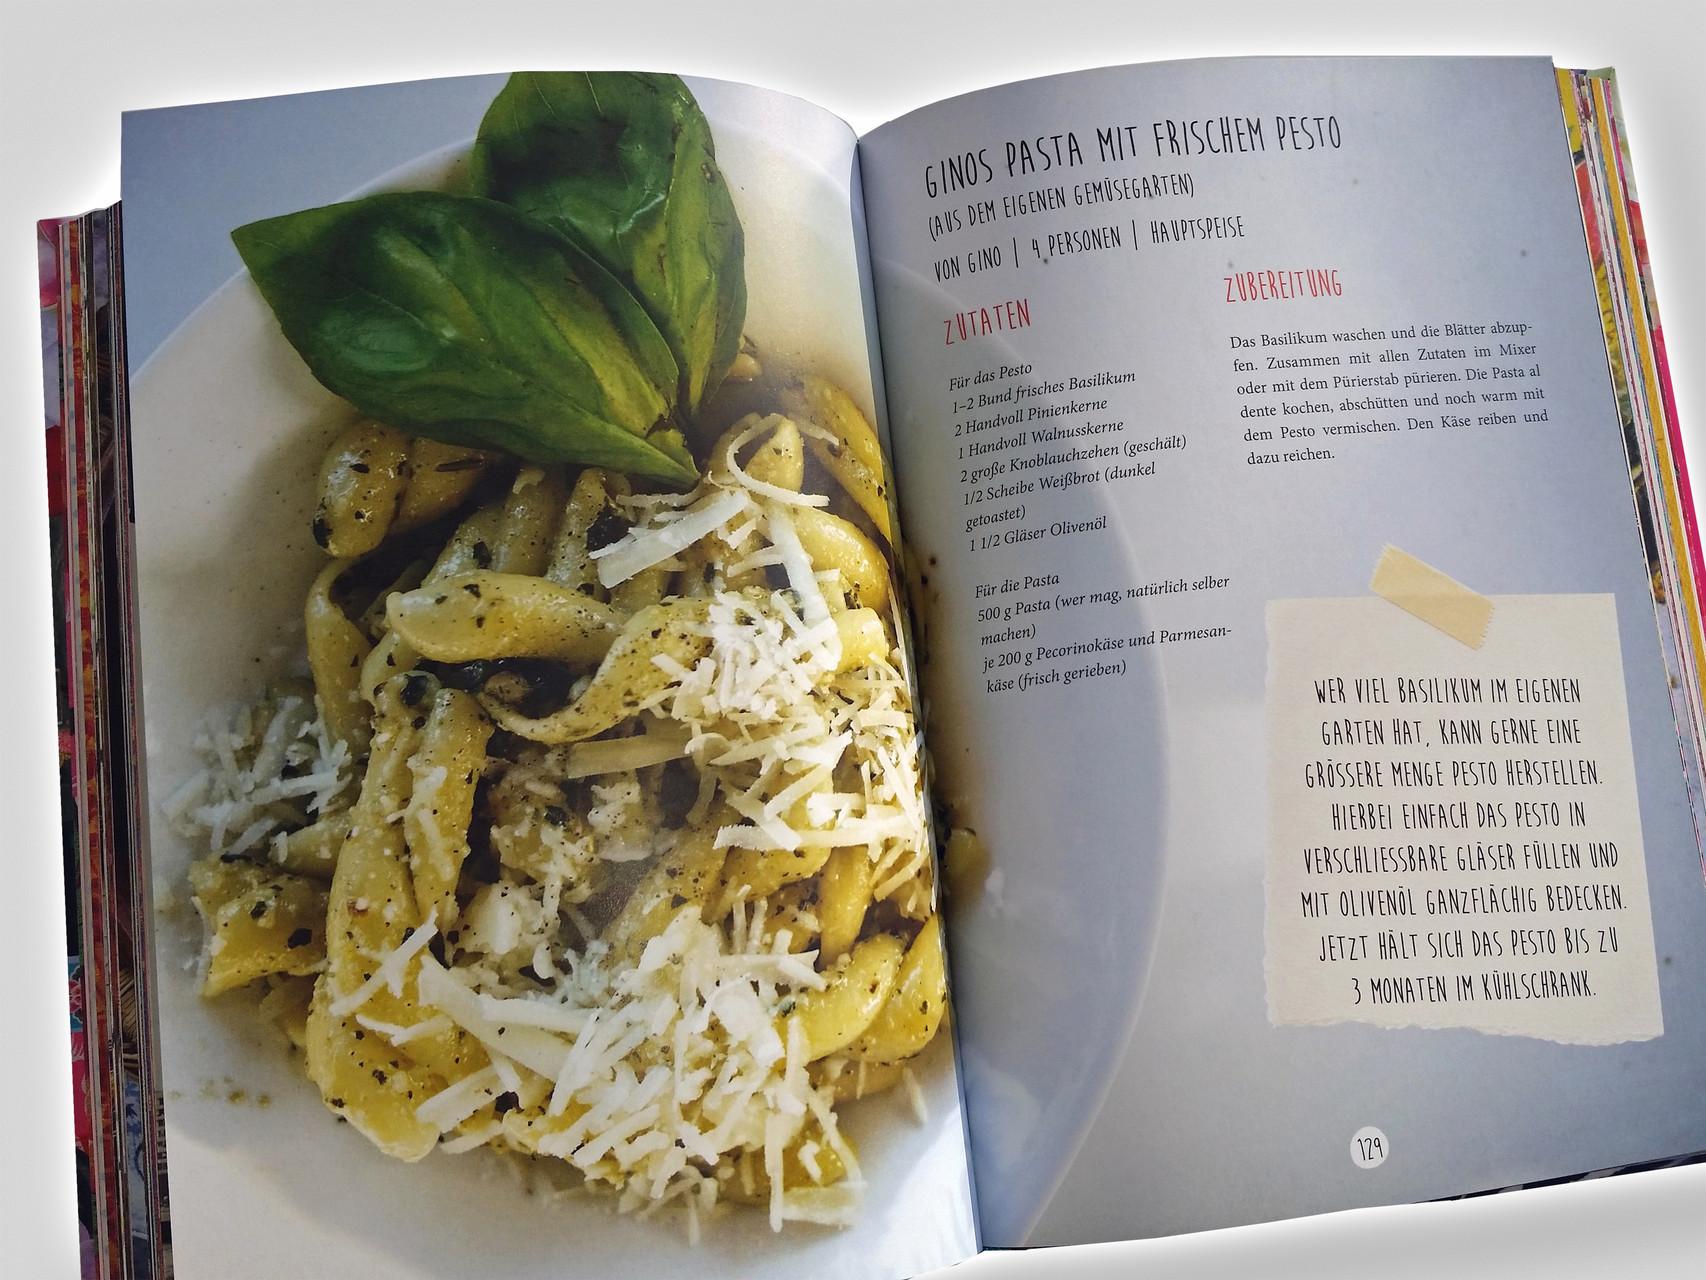 Happy Hippie Cooking Kochbuch Ibiza Elke Clörs Buchgestaltung Simone Ruths rosavision